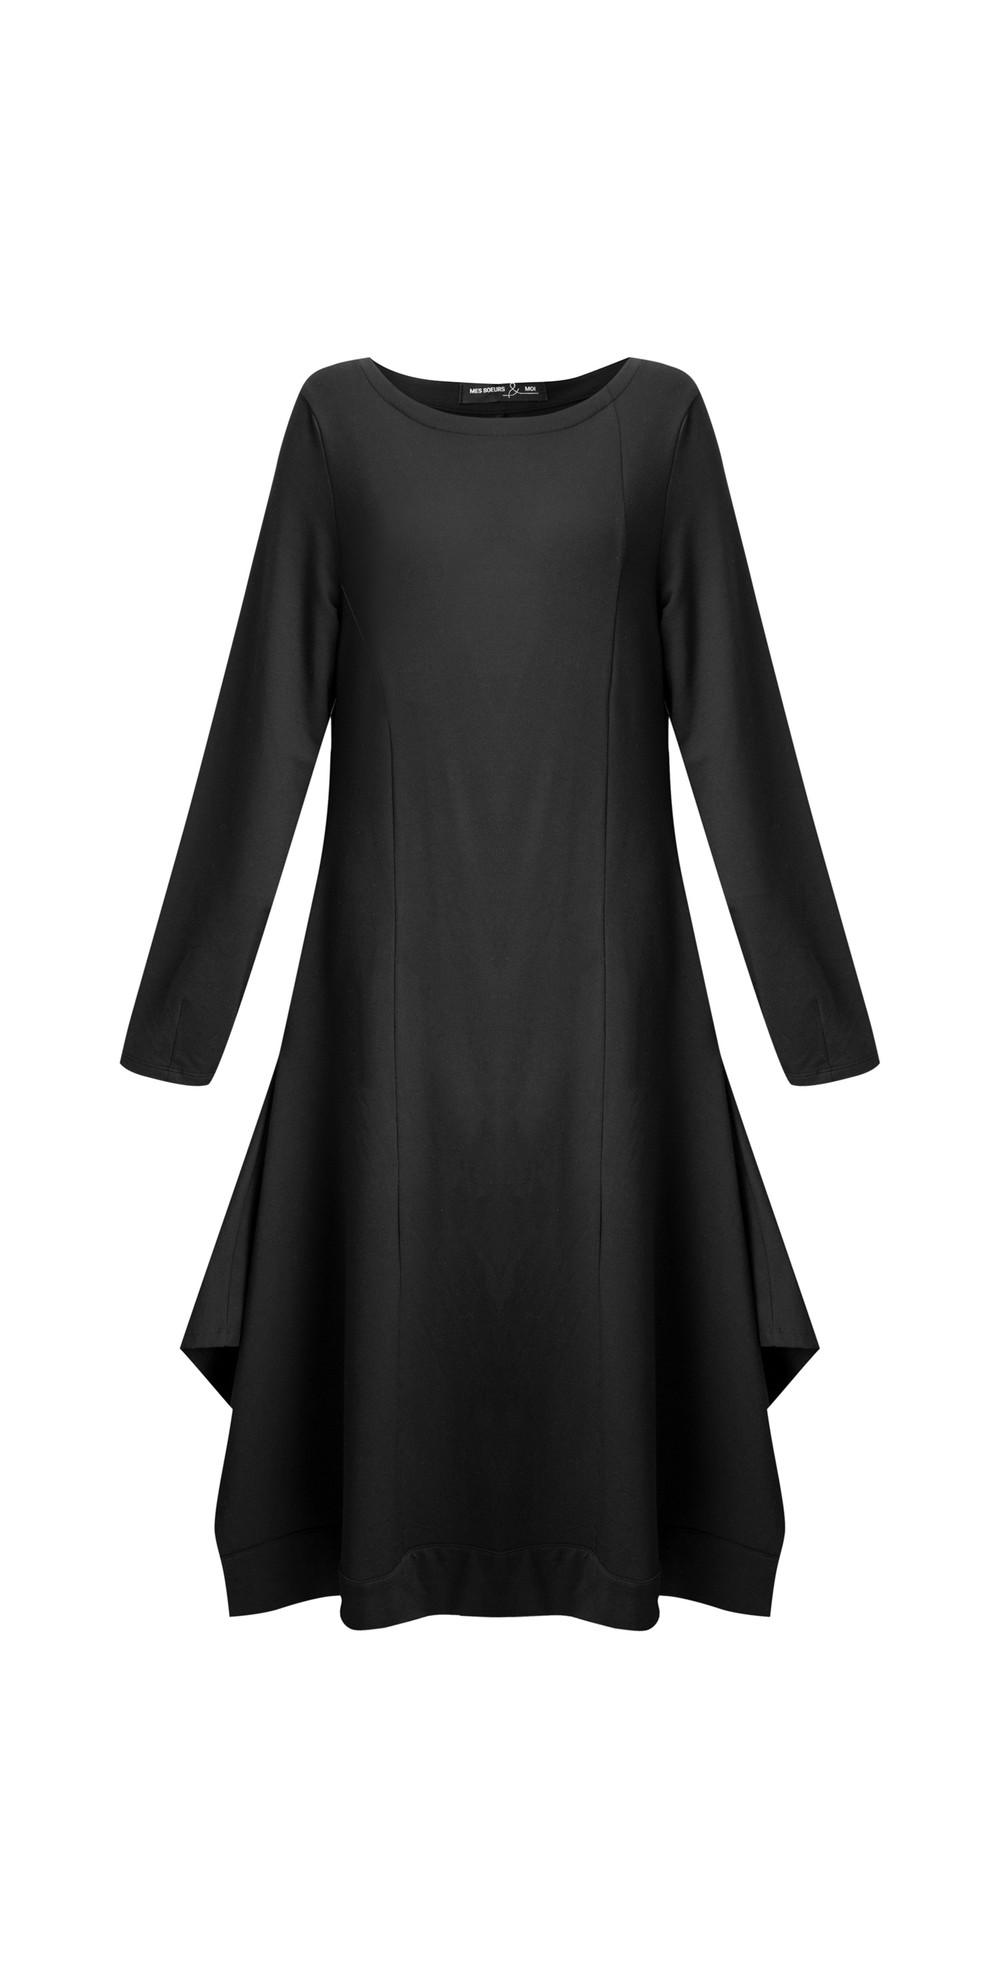 Panthere Molleton Dress main image